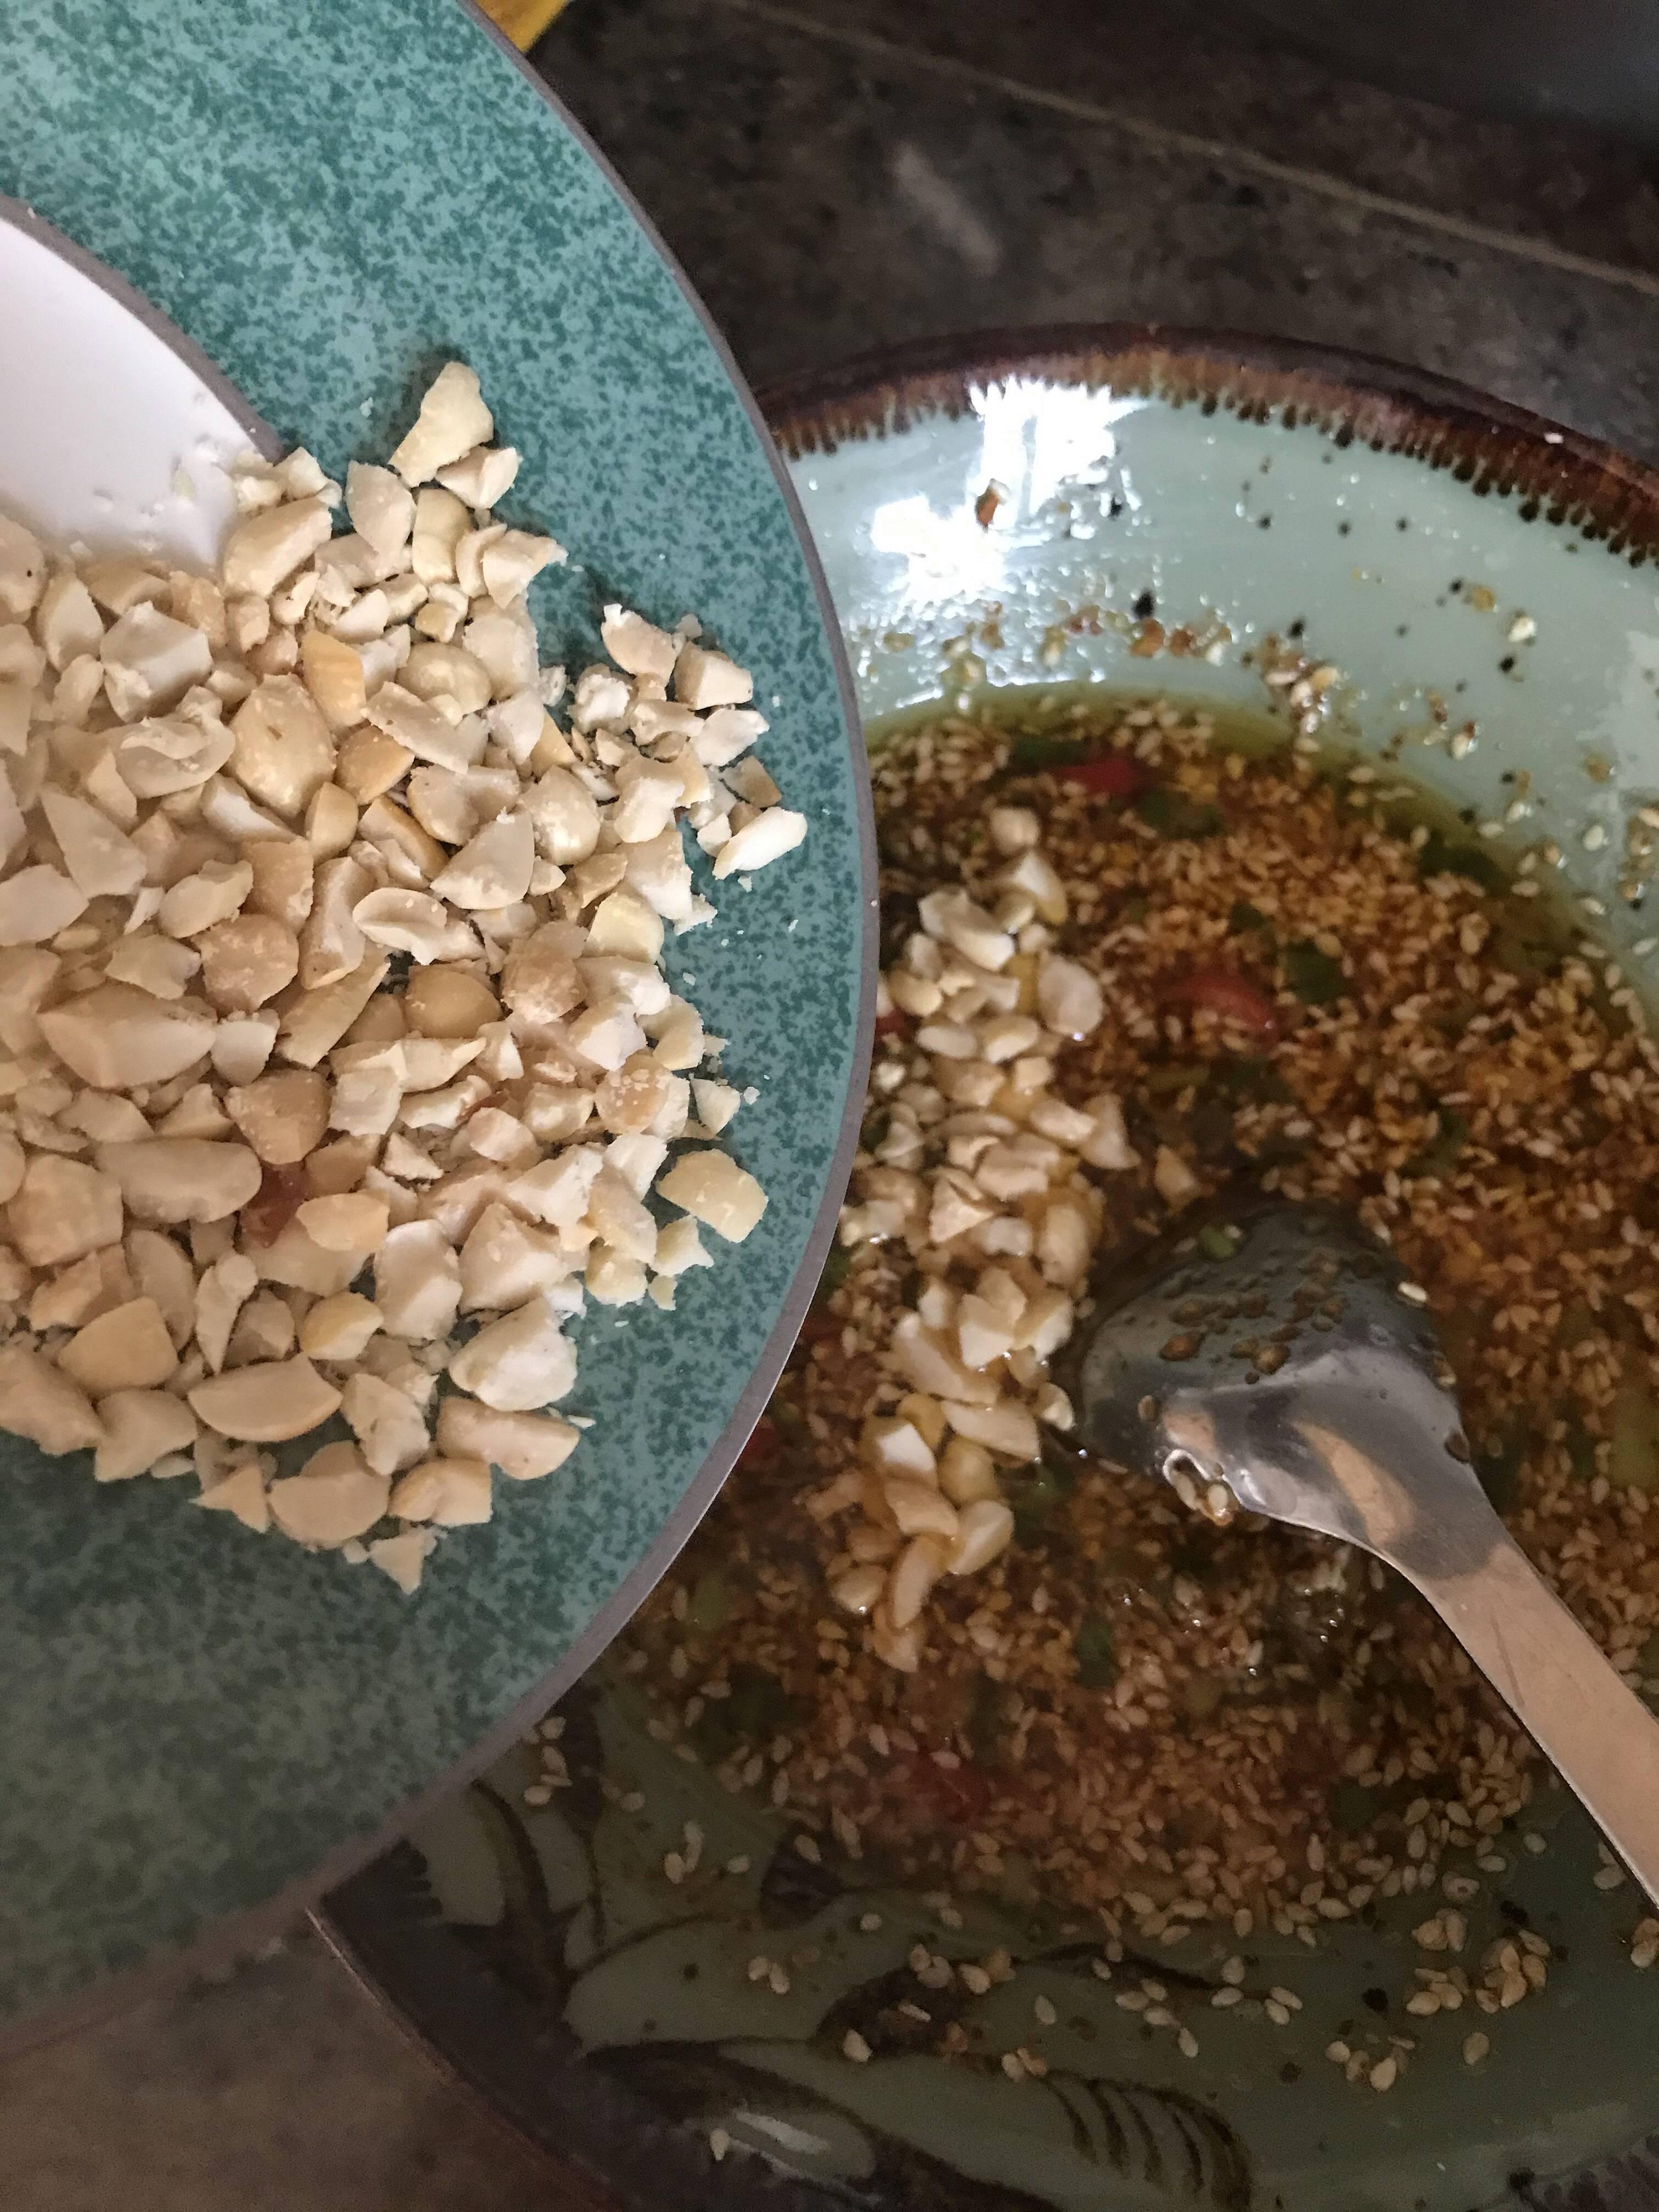 巨好吃的万能蘸酱(饺子,火锅,凉菜,拌面皆可用)的做法 步骤5